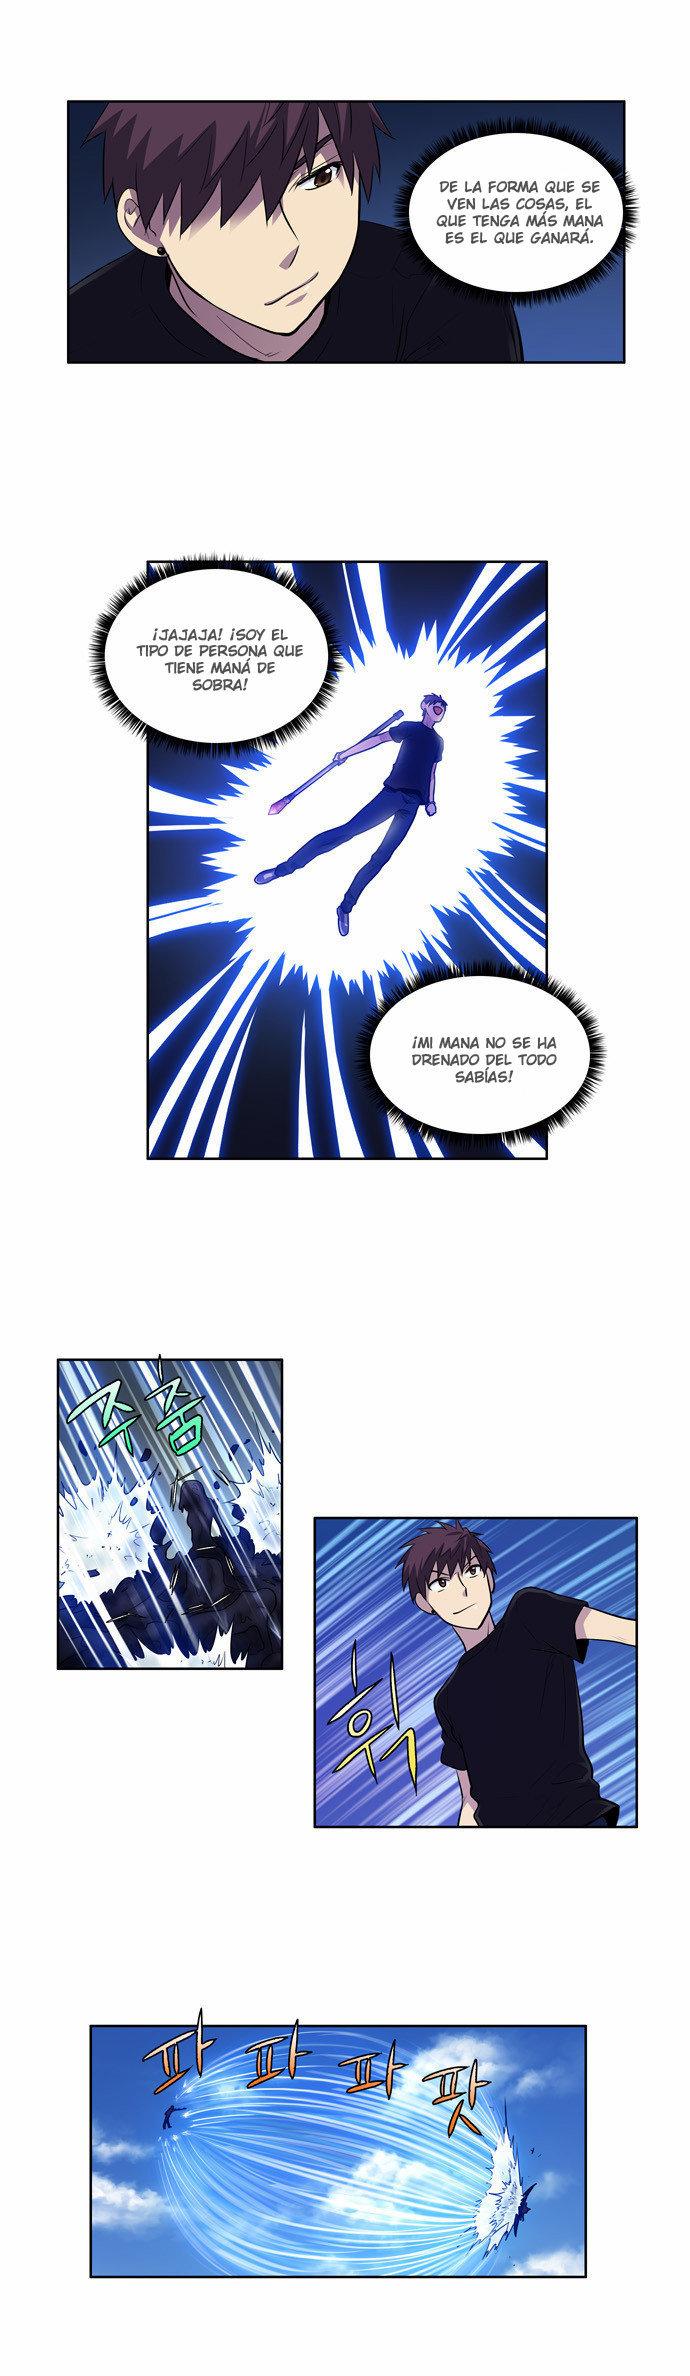 http://c5.ninemanga.com/es_manga/61/1725/442376/115f08592f4c2bb29013efbbc46608fc.jpg Page 6